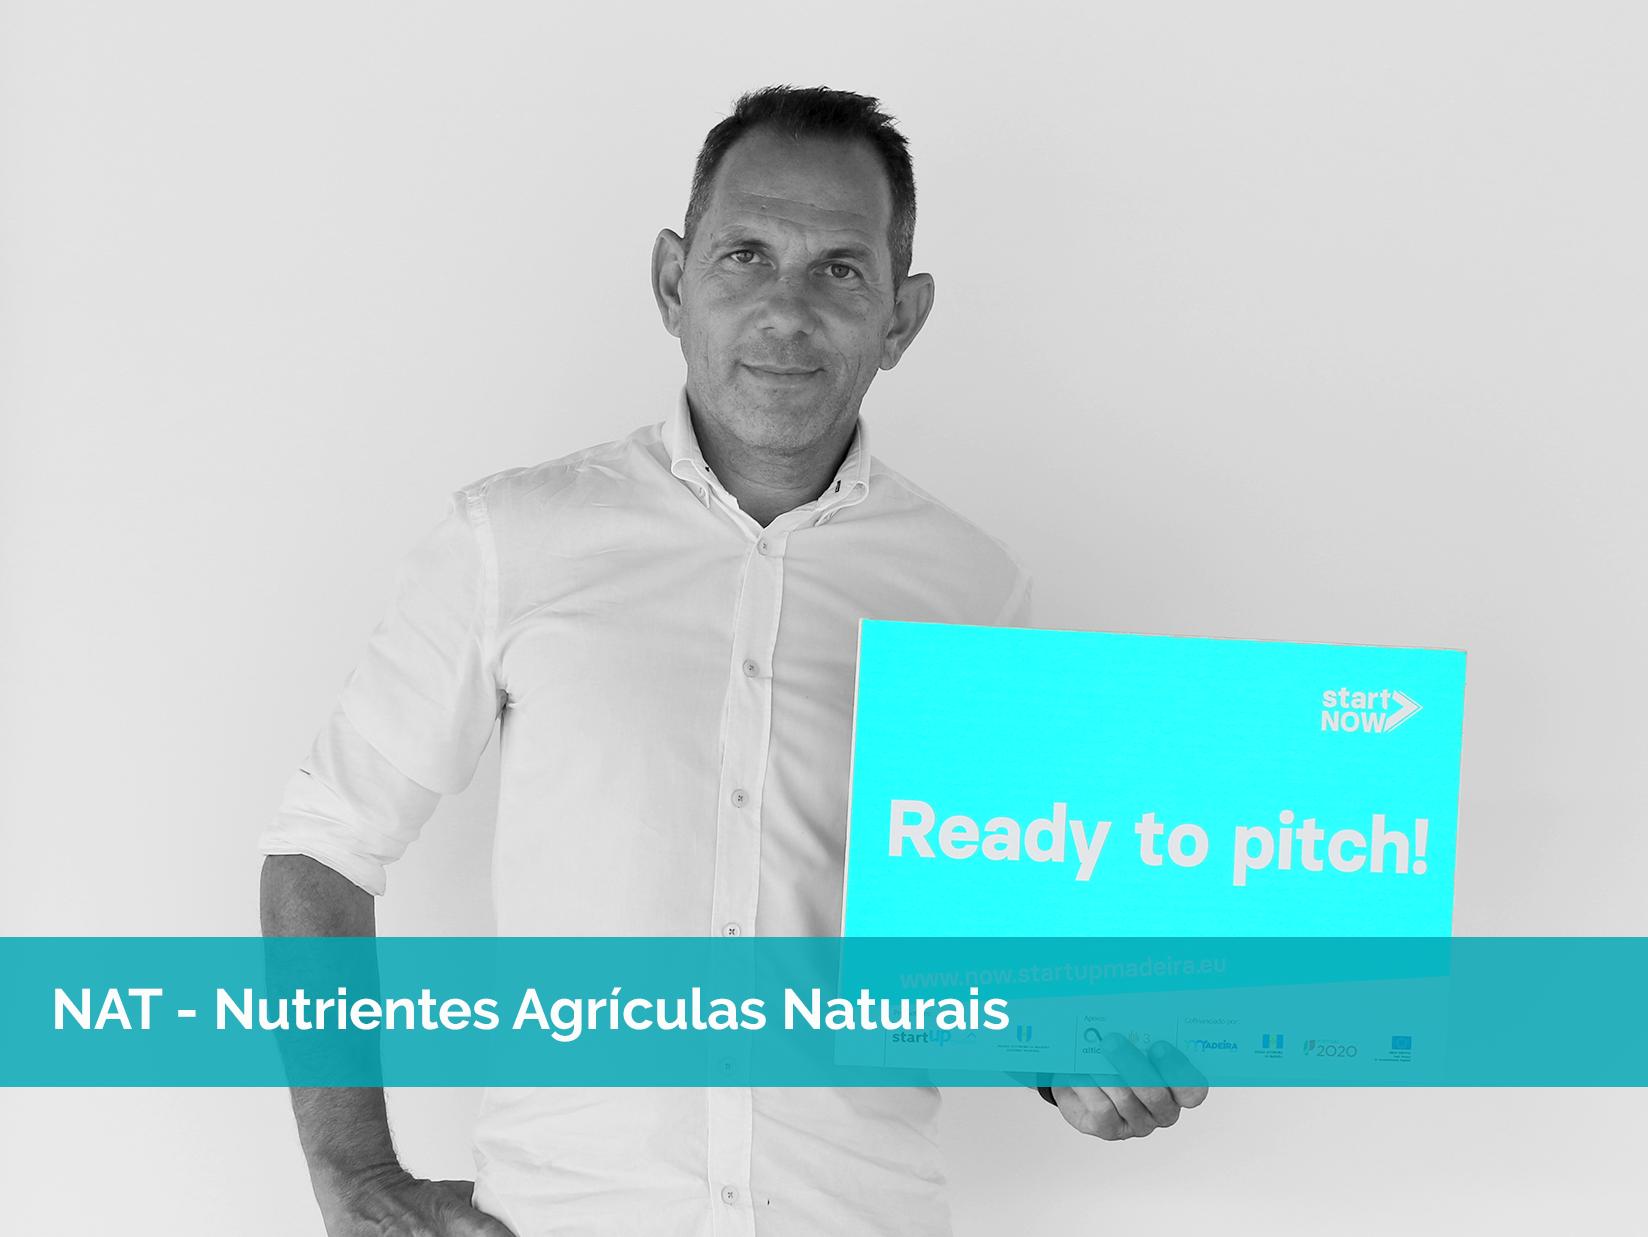 NAT - Nutrientes Agrícolas Naturais